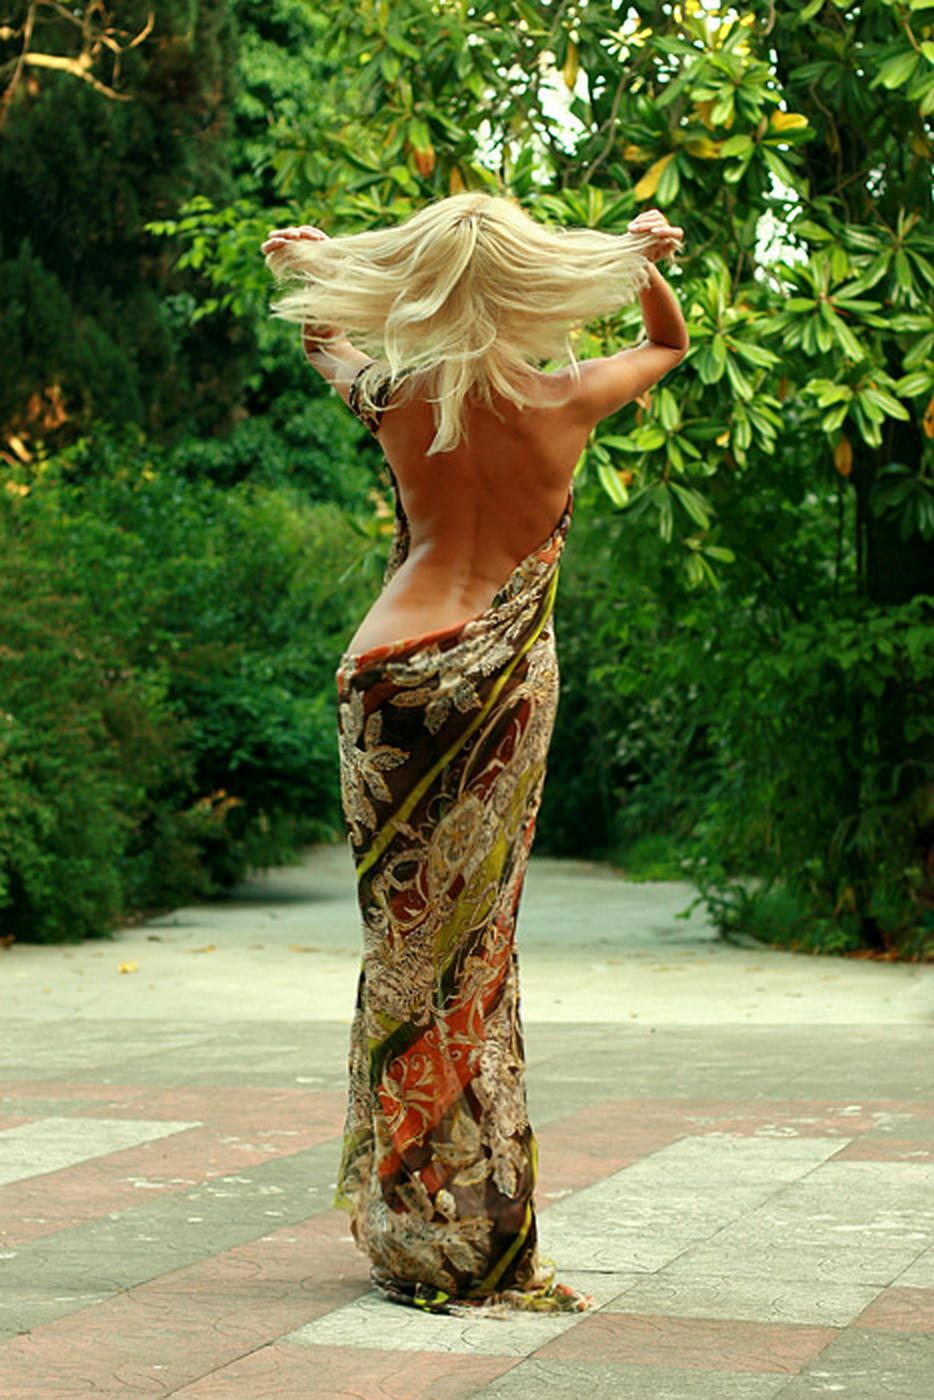 Страстная блондинка с сексуальной фигурой и очень красивой внешностью